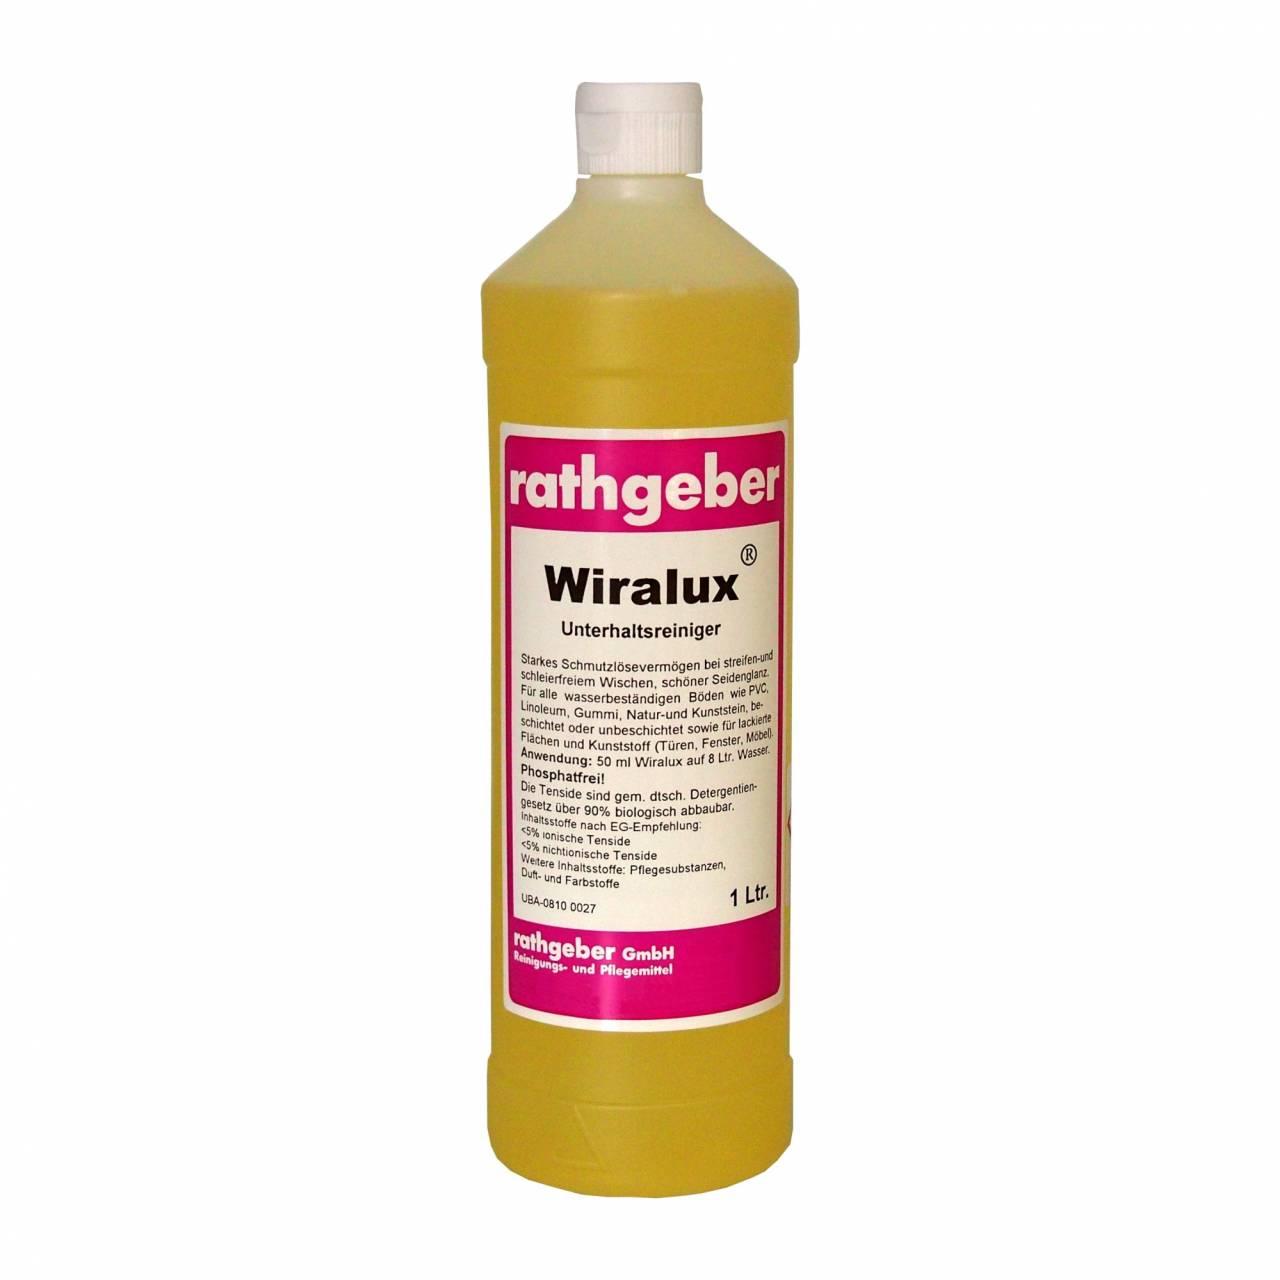 Unterhaltsreiniger 'Wiralux©' 1,0 L PET-Flasche